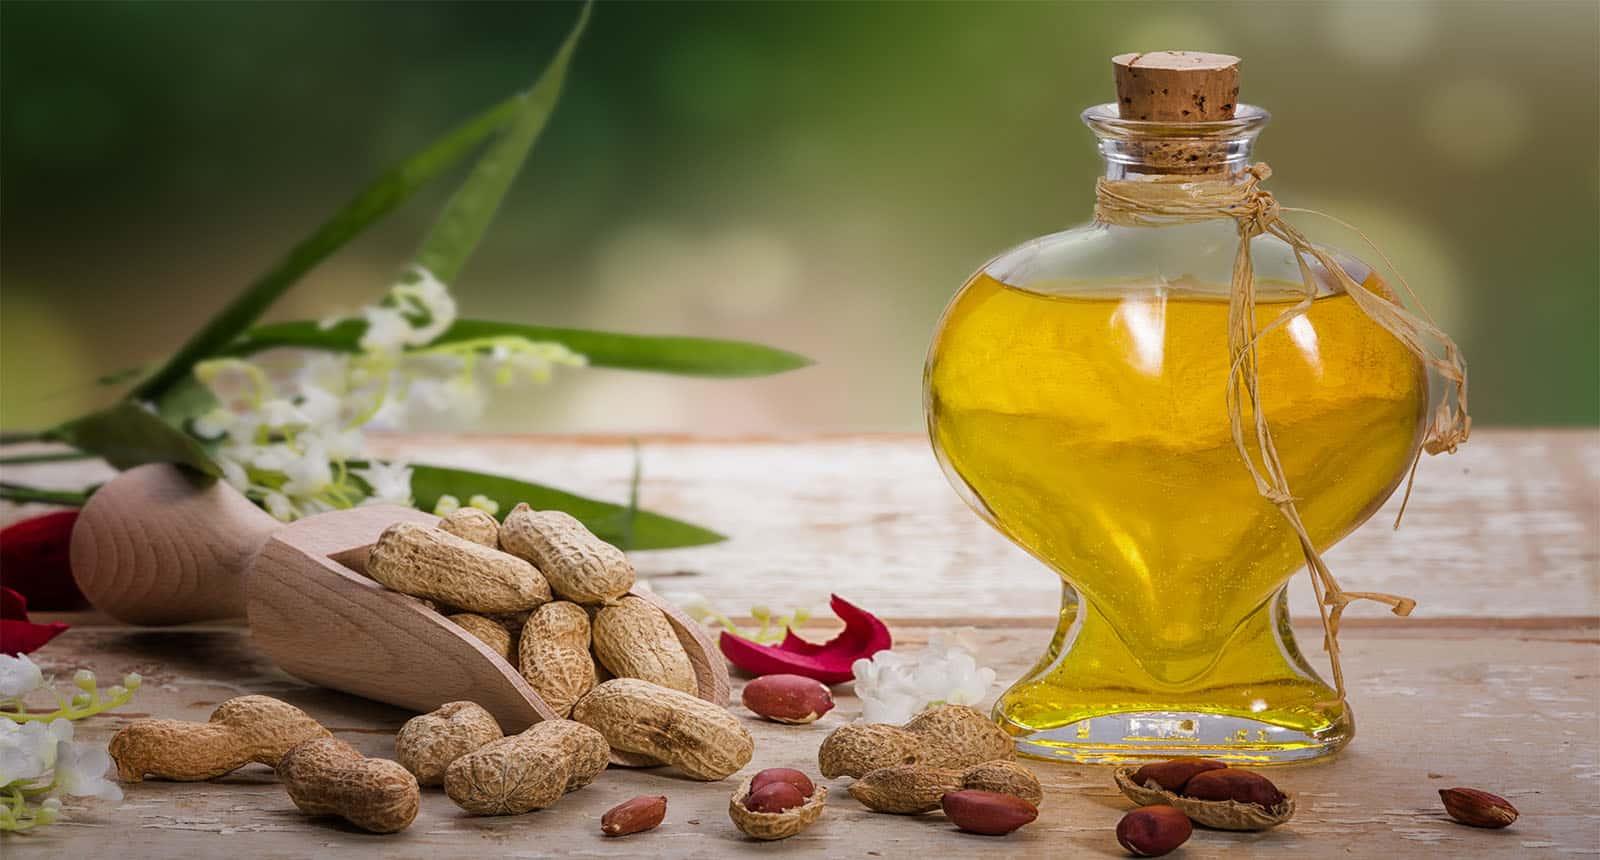 Peanut Oil Substitutes